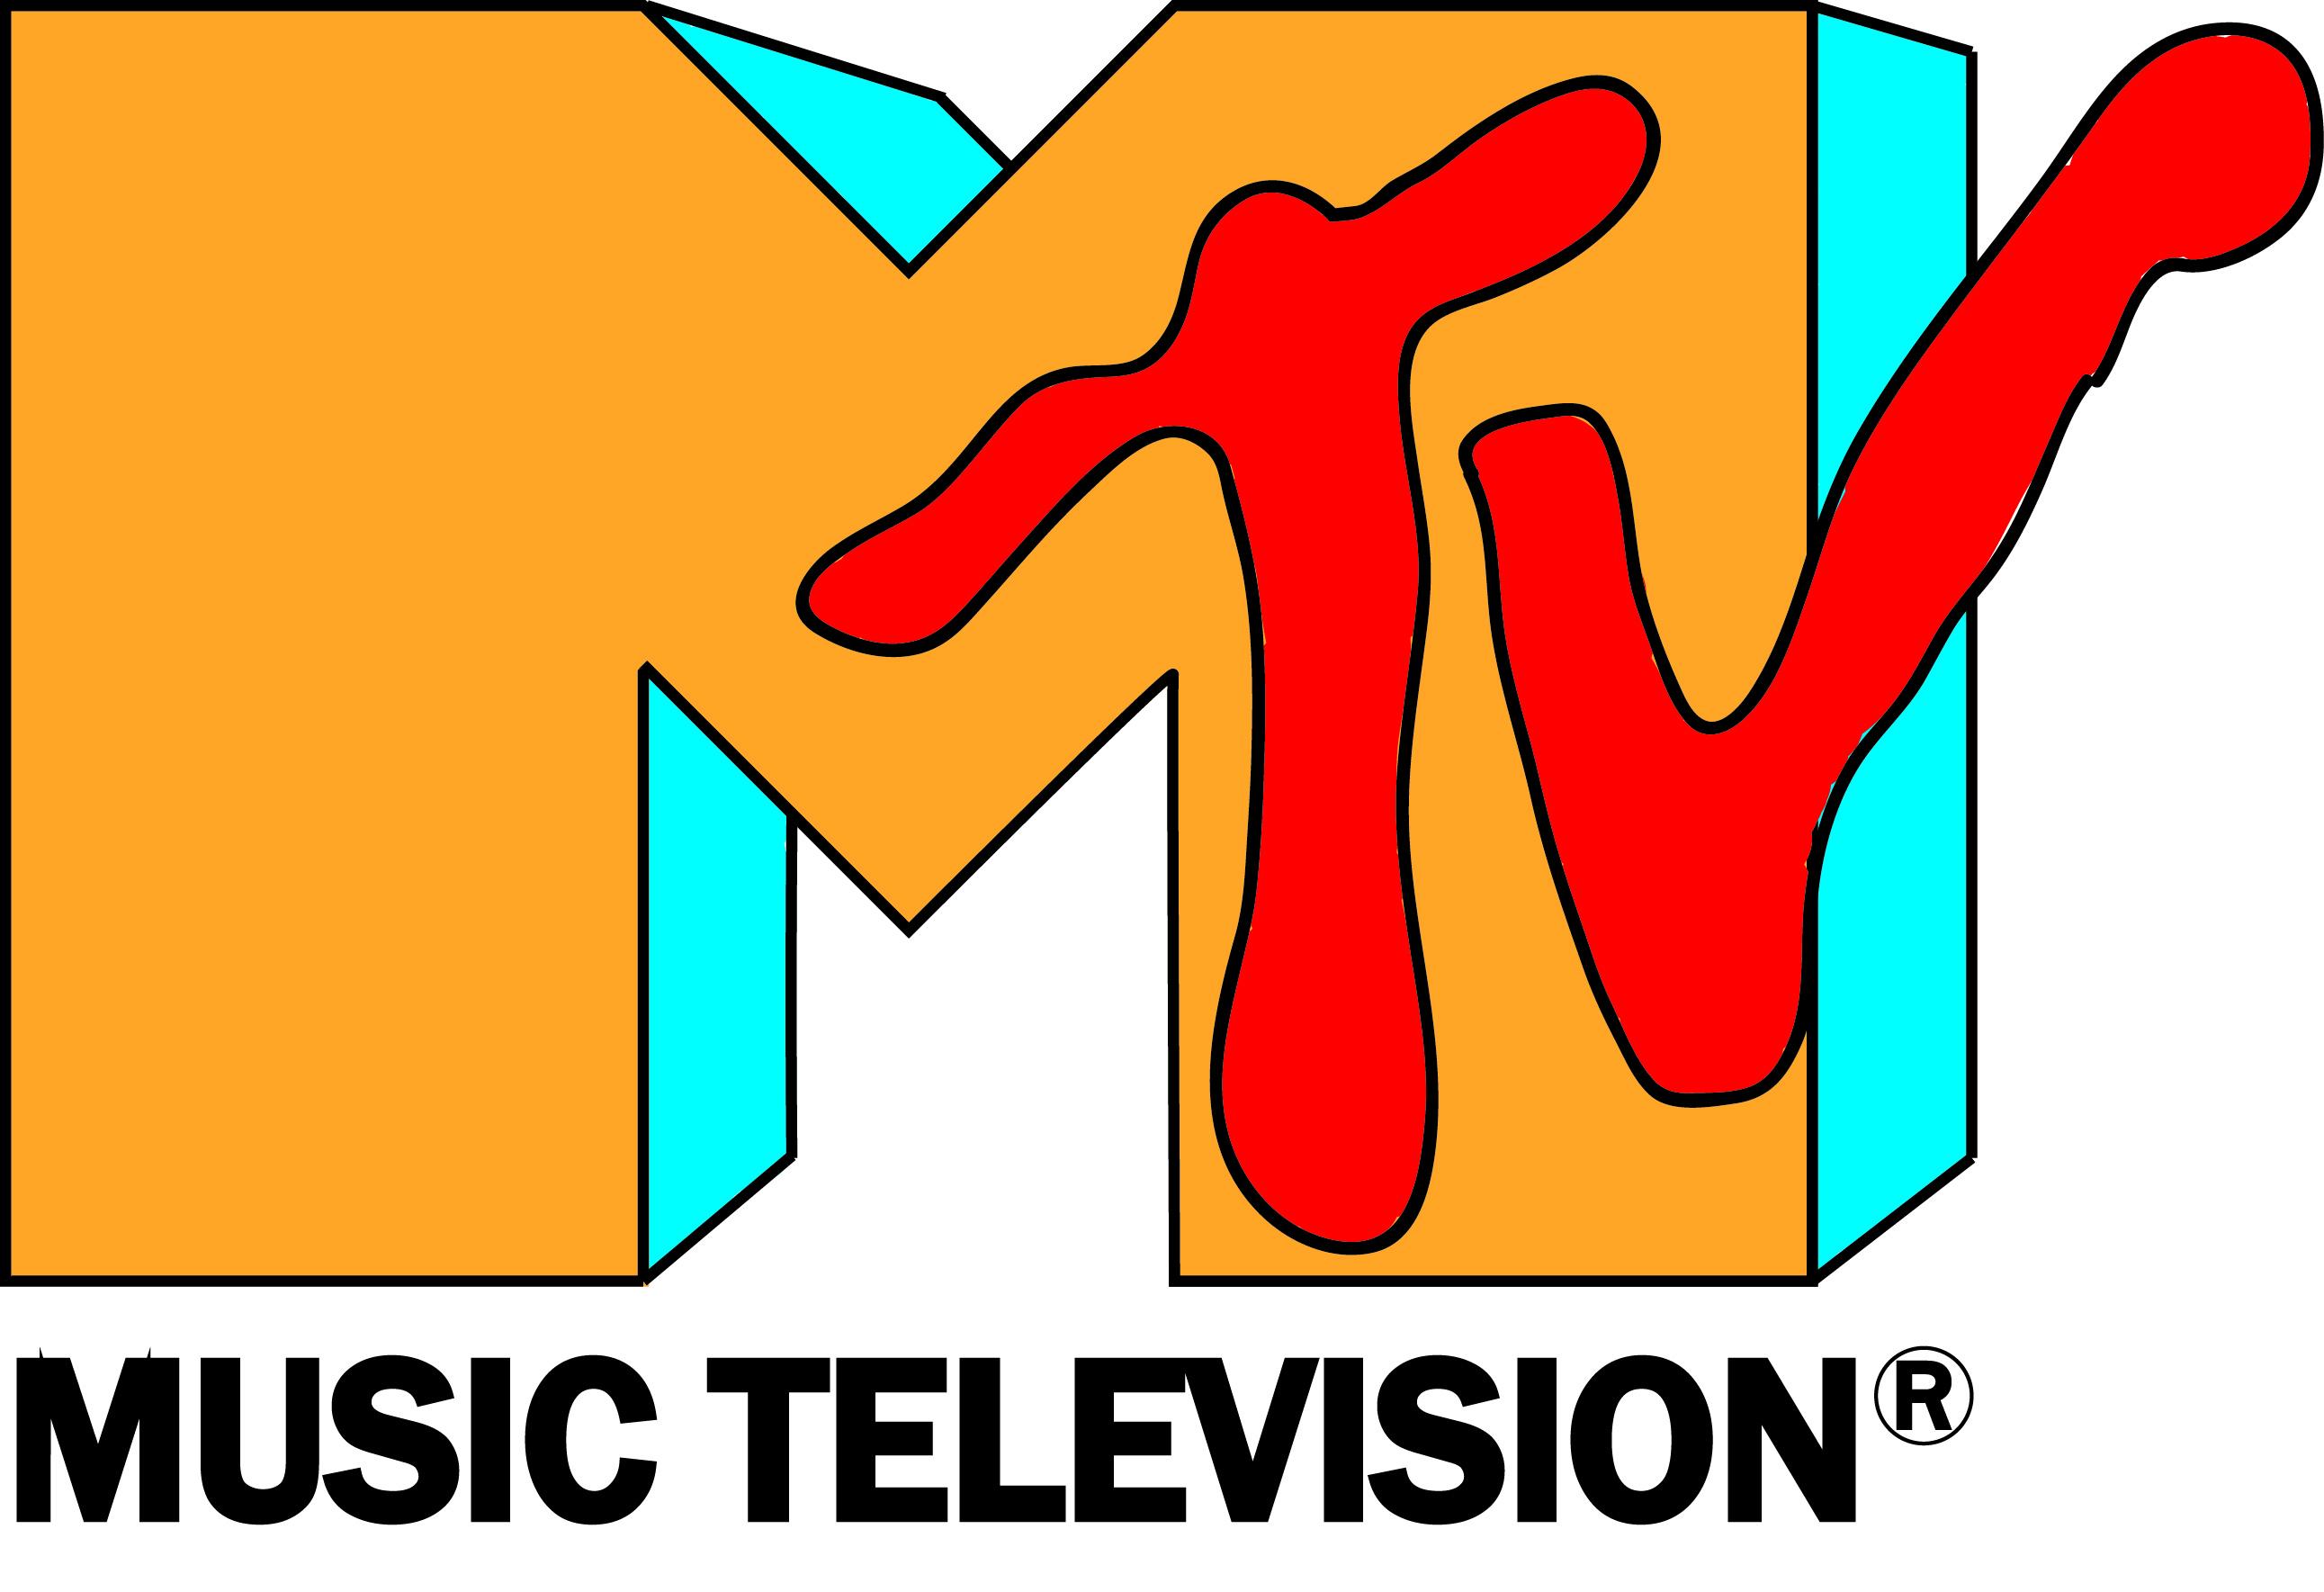 Mtv logo Wallpaper